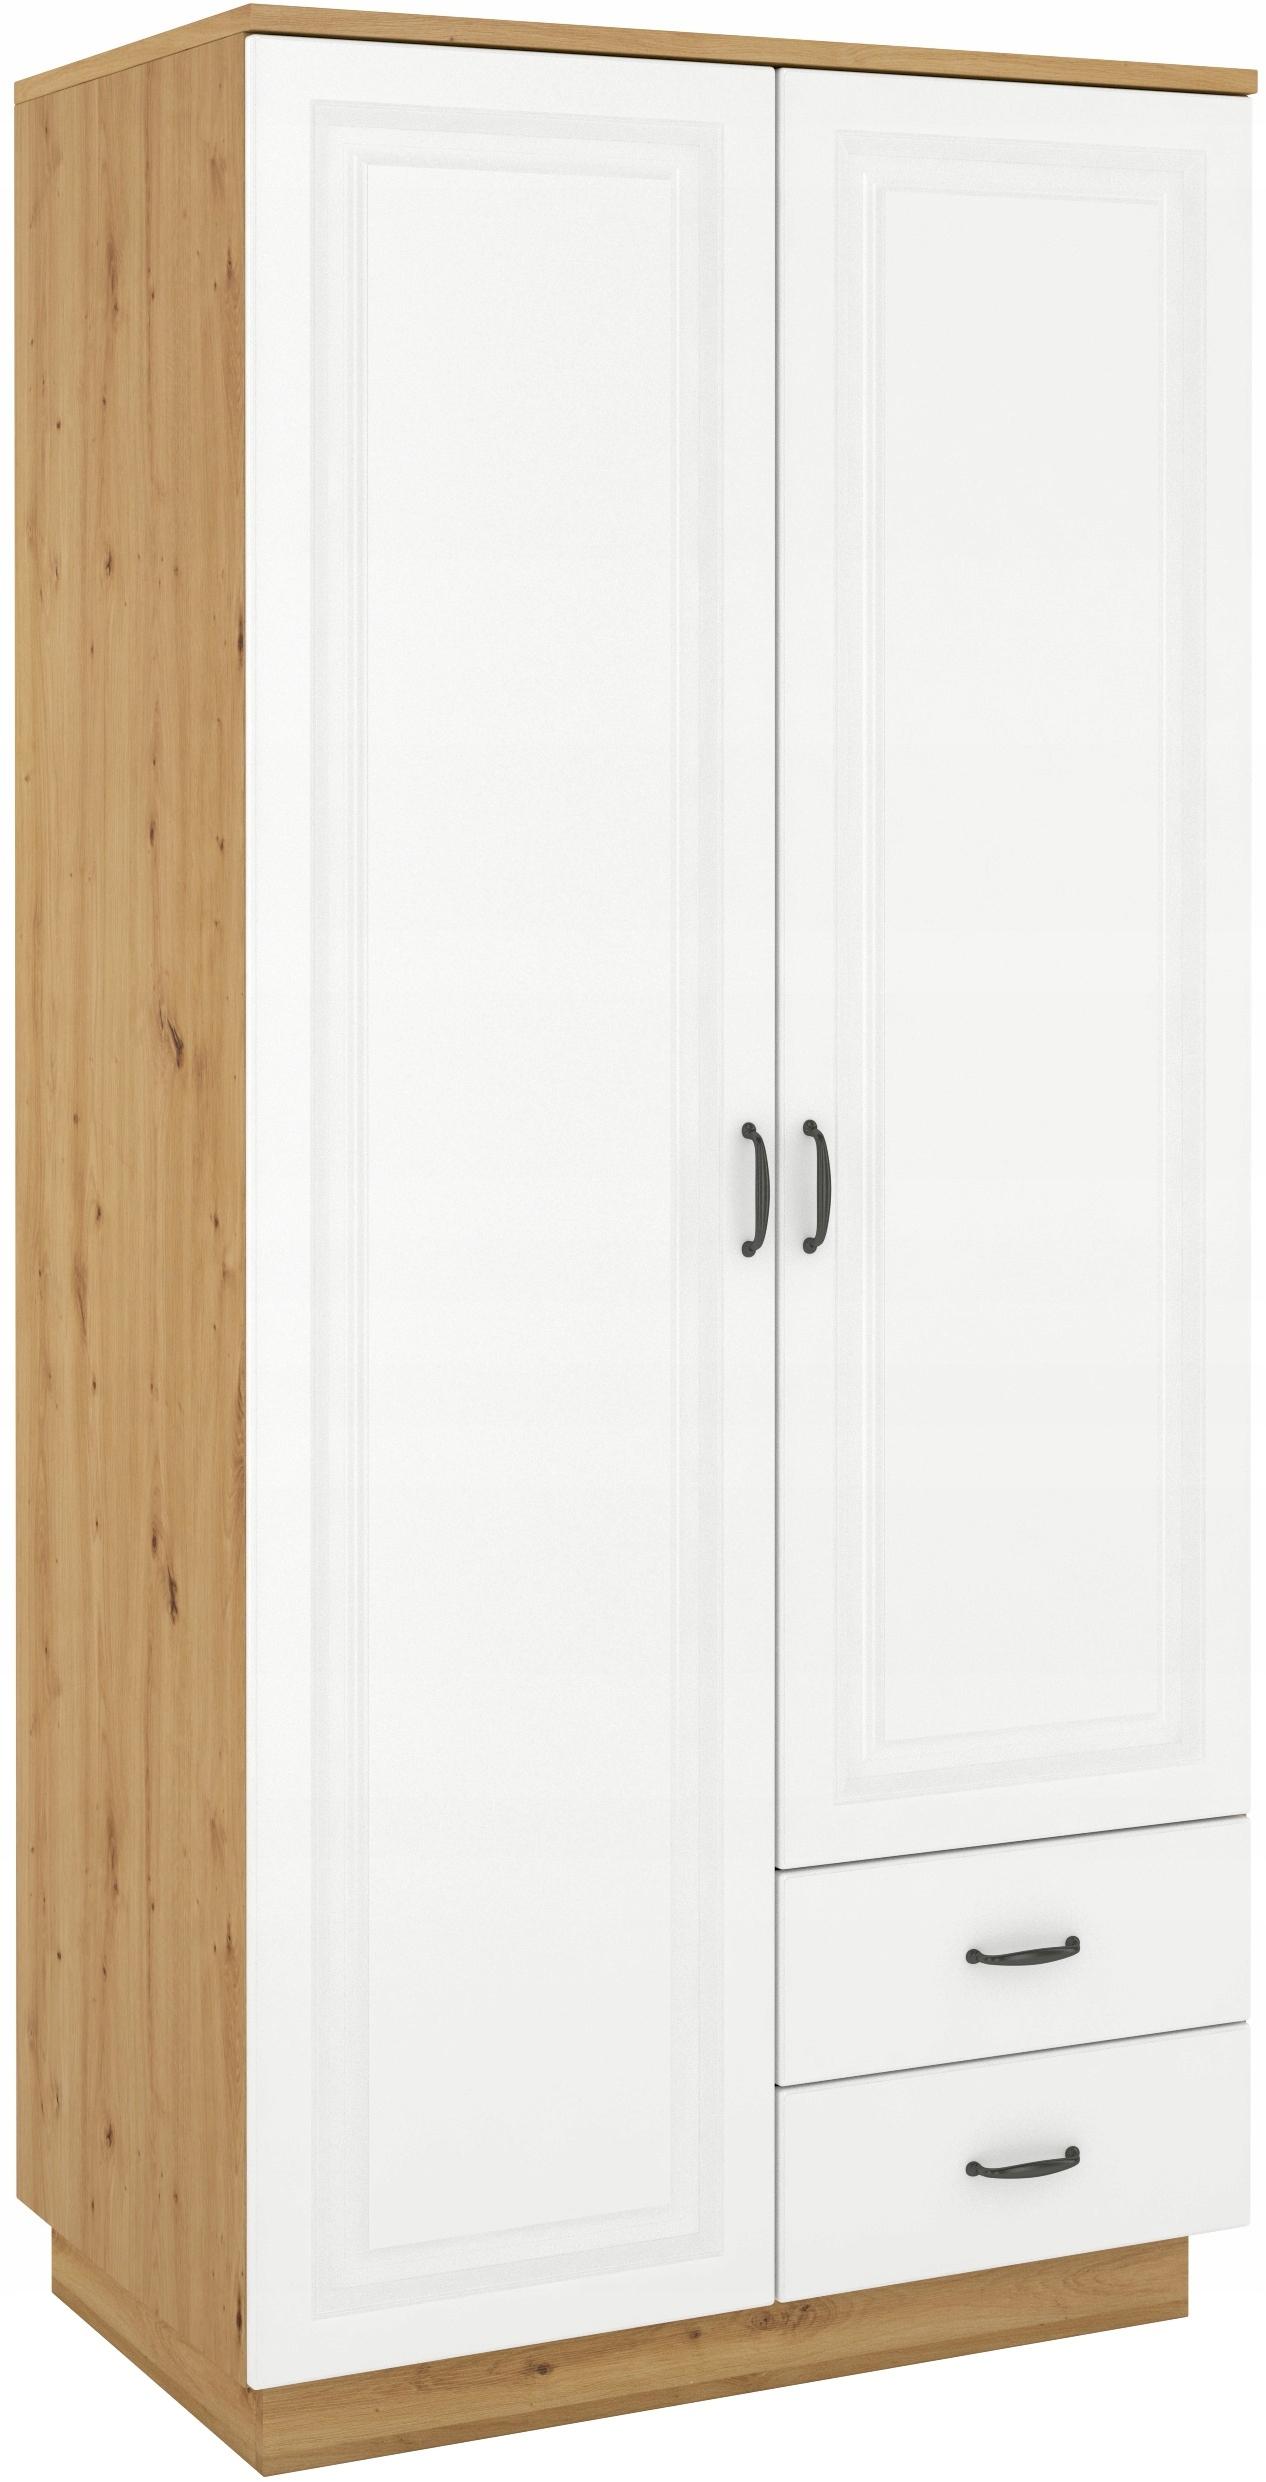 2-dverová skriňa 120 cm remeselnícky dub biela frézovaná